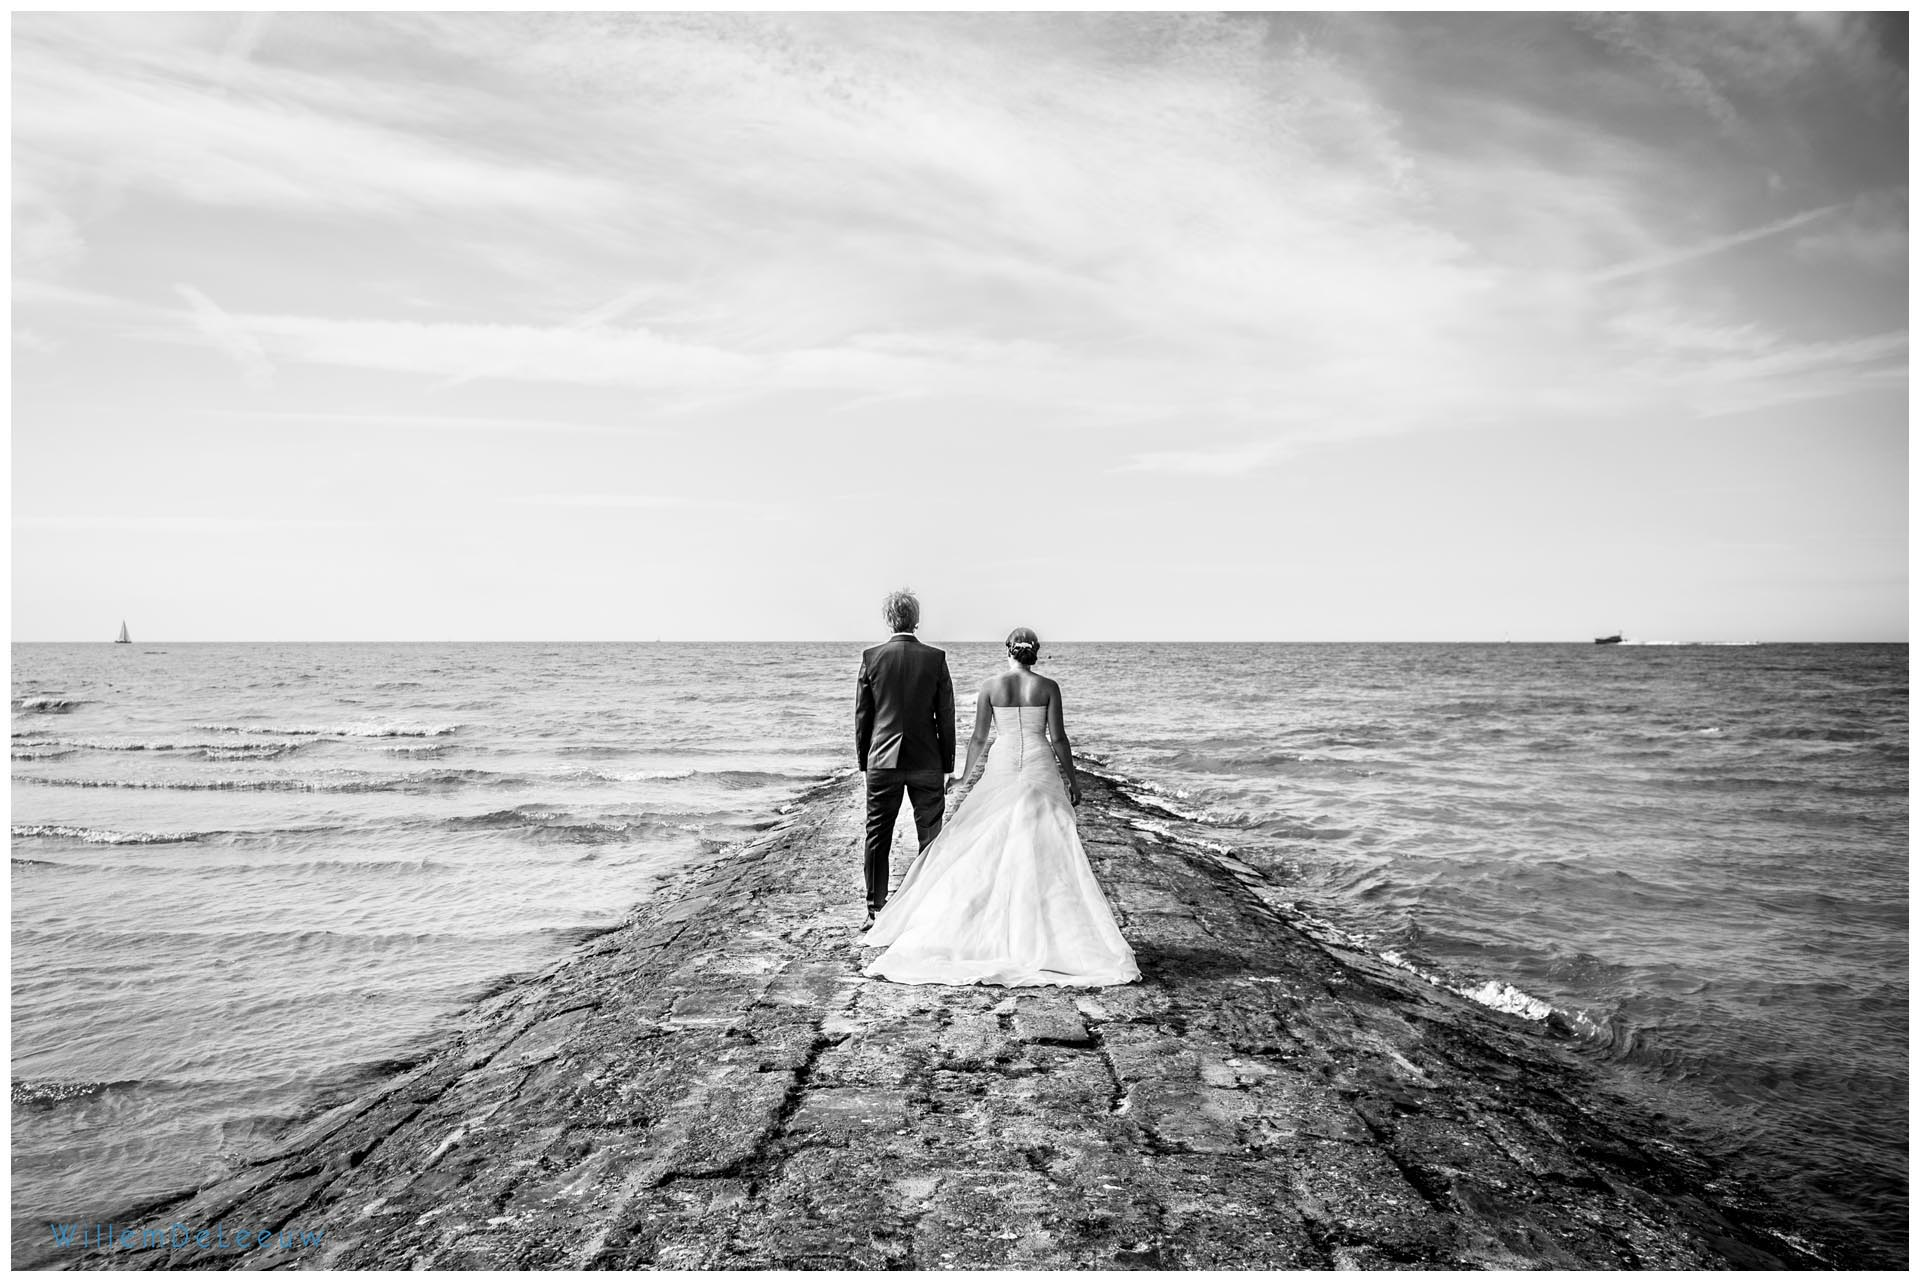 huwelijksfotografie aan zee Willem De Leeuw